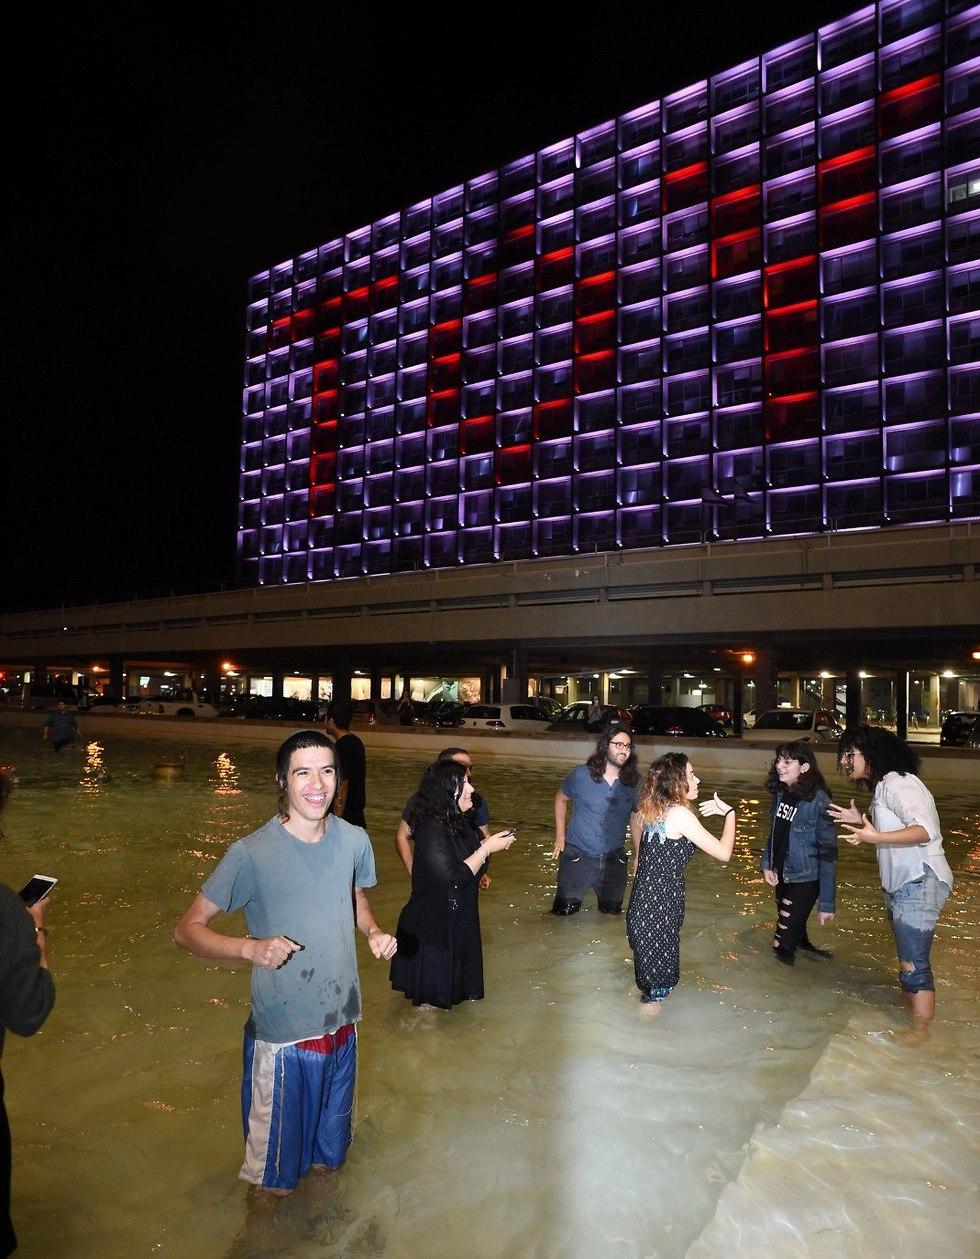 מסיבה בכיכר לאחר הזכיה (צילום: יובל חן)